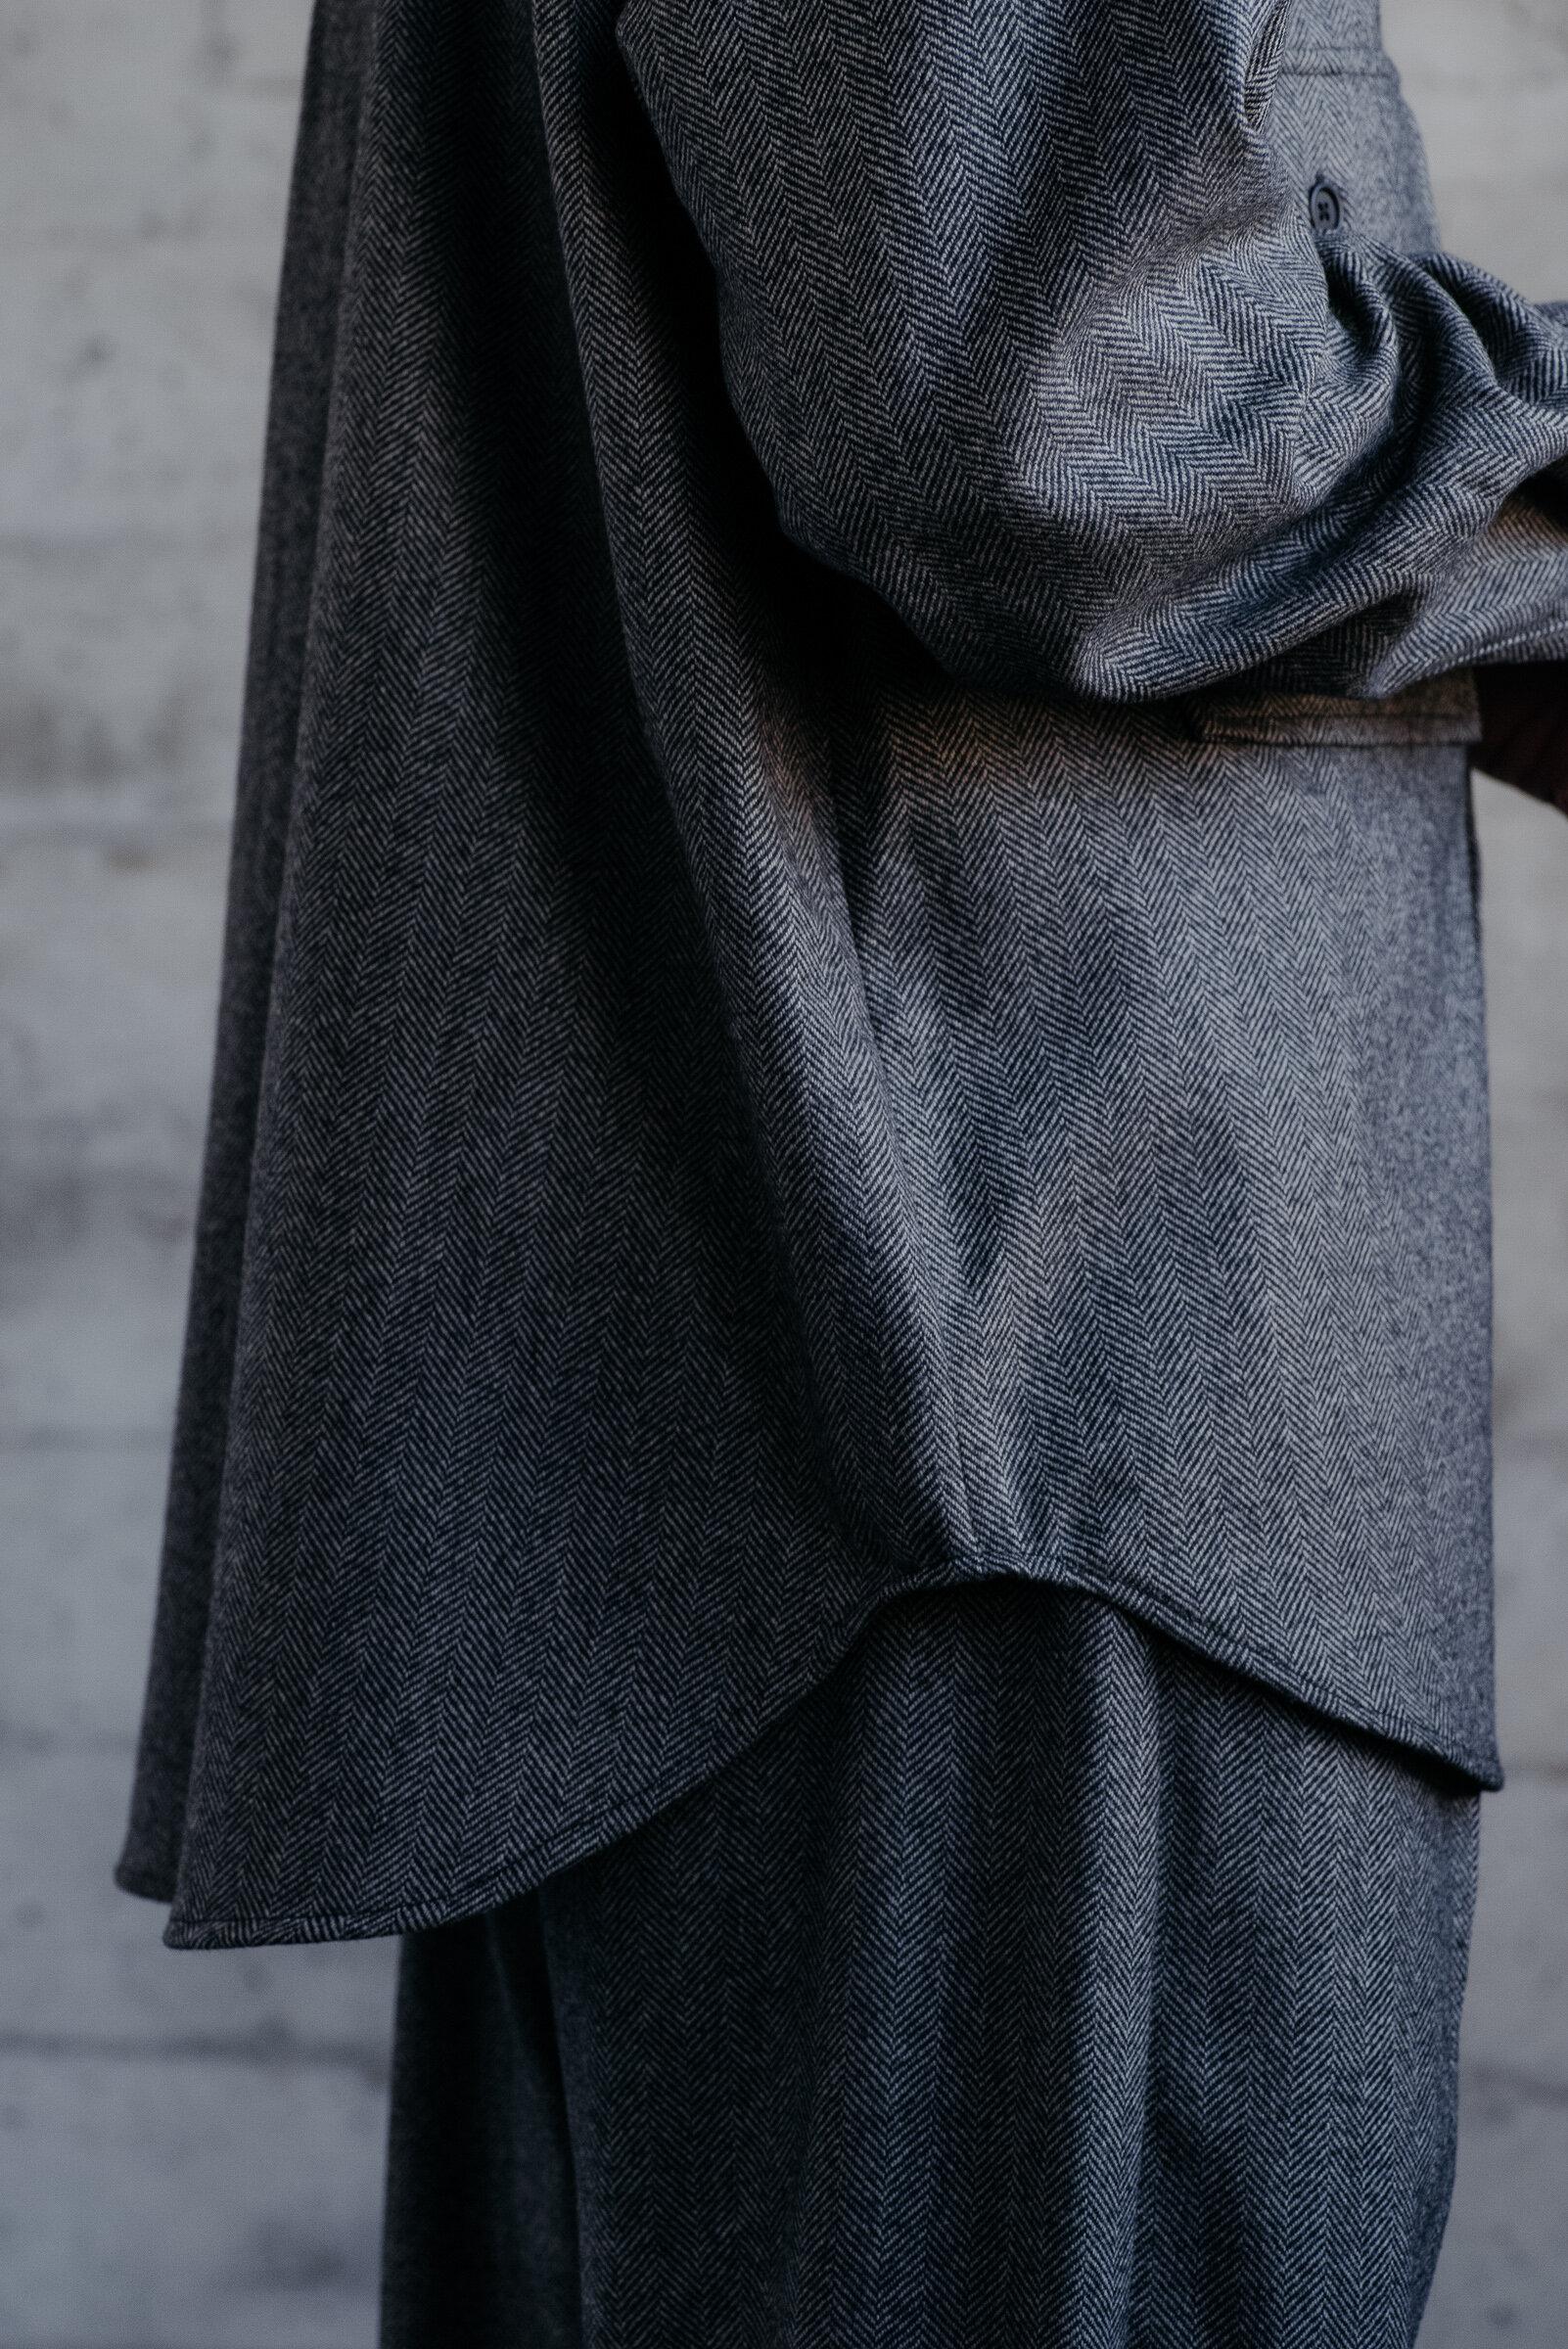 evan-kinori-big-shirt-cashmere-lambswool-herringbone-woven-england-8